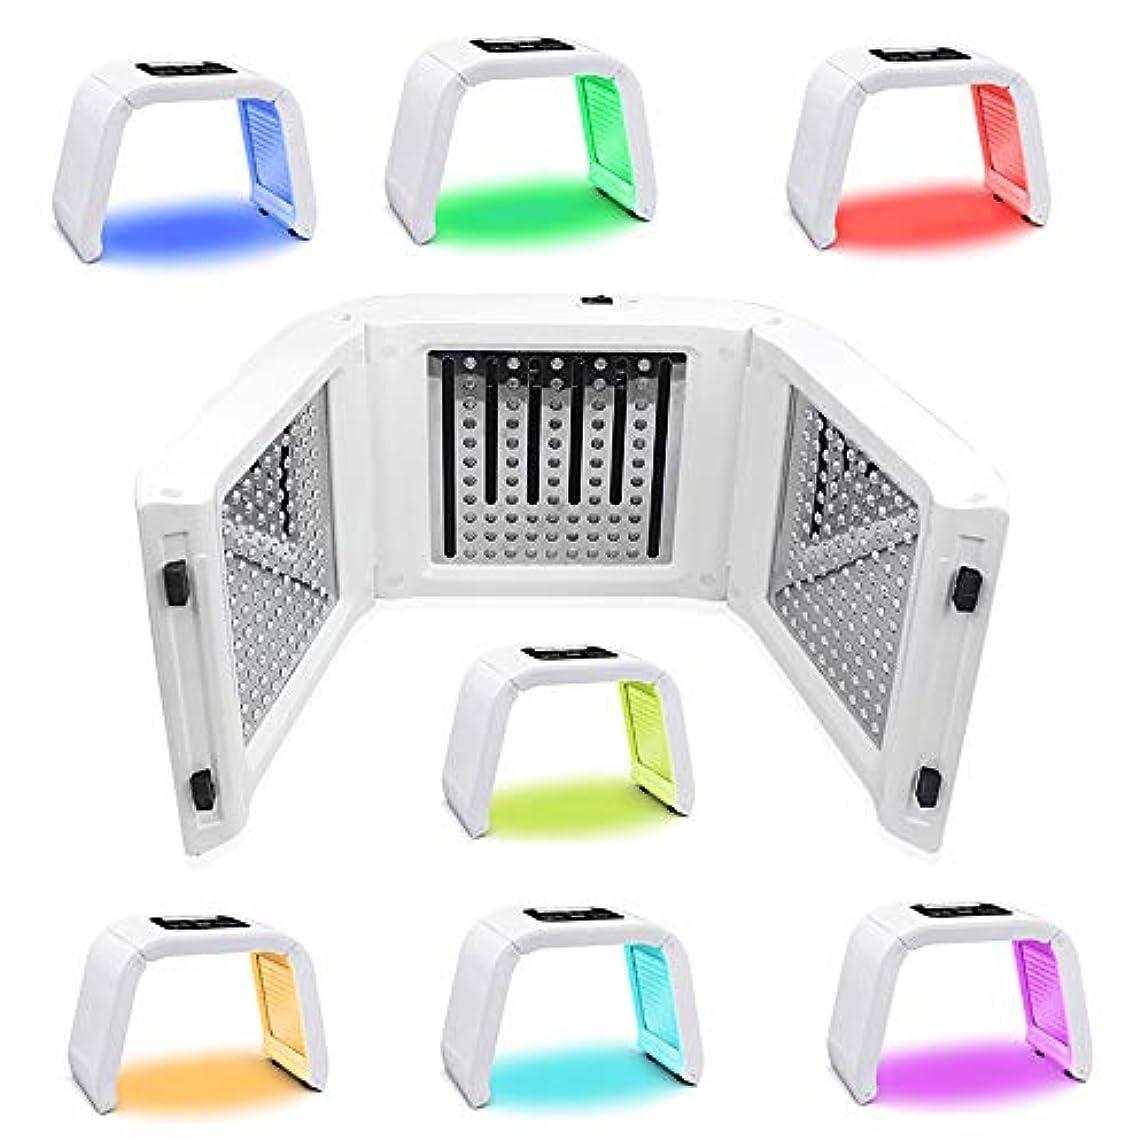 マーティンルーサーキングジュニアアレルギー性かわいらしい7色LEDマスク光線療法美容機器光線力学マスク機器分光計肌の若返りデバイス,7